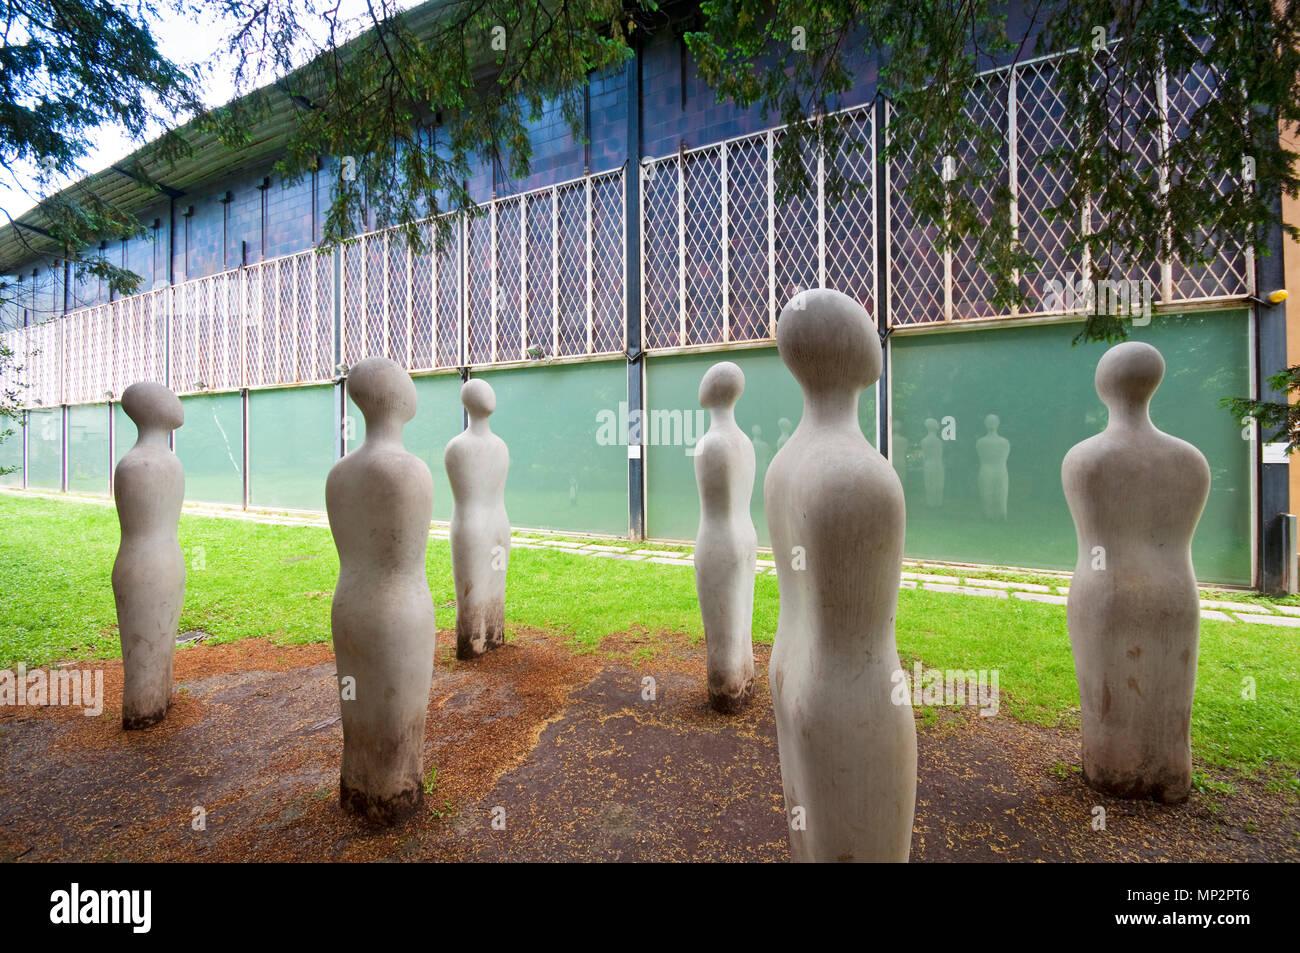 L'Italia, Lombardia, Milano, PAC Padiglione d'Arte Contemporanea, giardino, I Sette Savi scultura di Fausto Melotti Immagini Stock